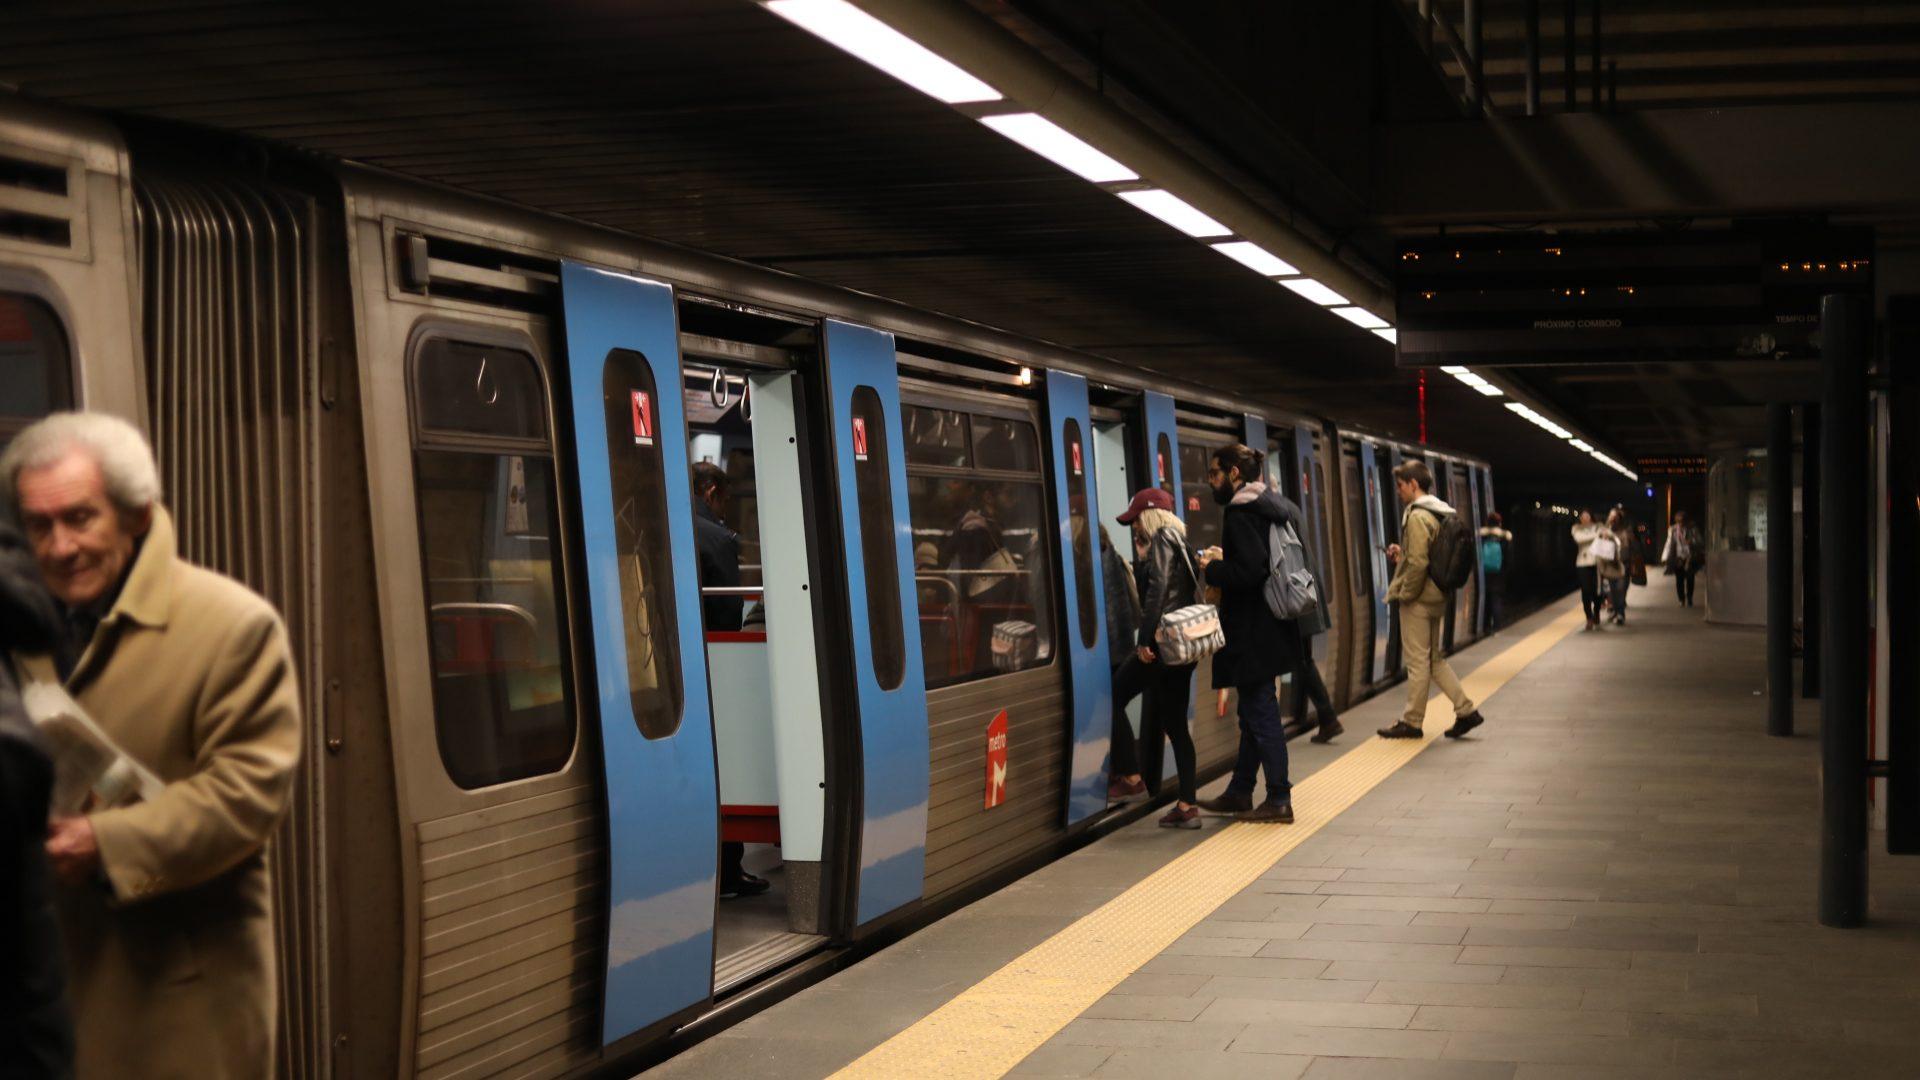 Comissão de utentes considera que ligação do metro do Rato ao Cais do Sodré e linha circular é opção errada